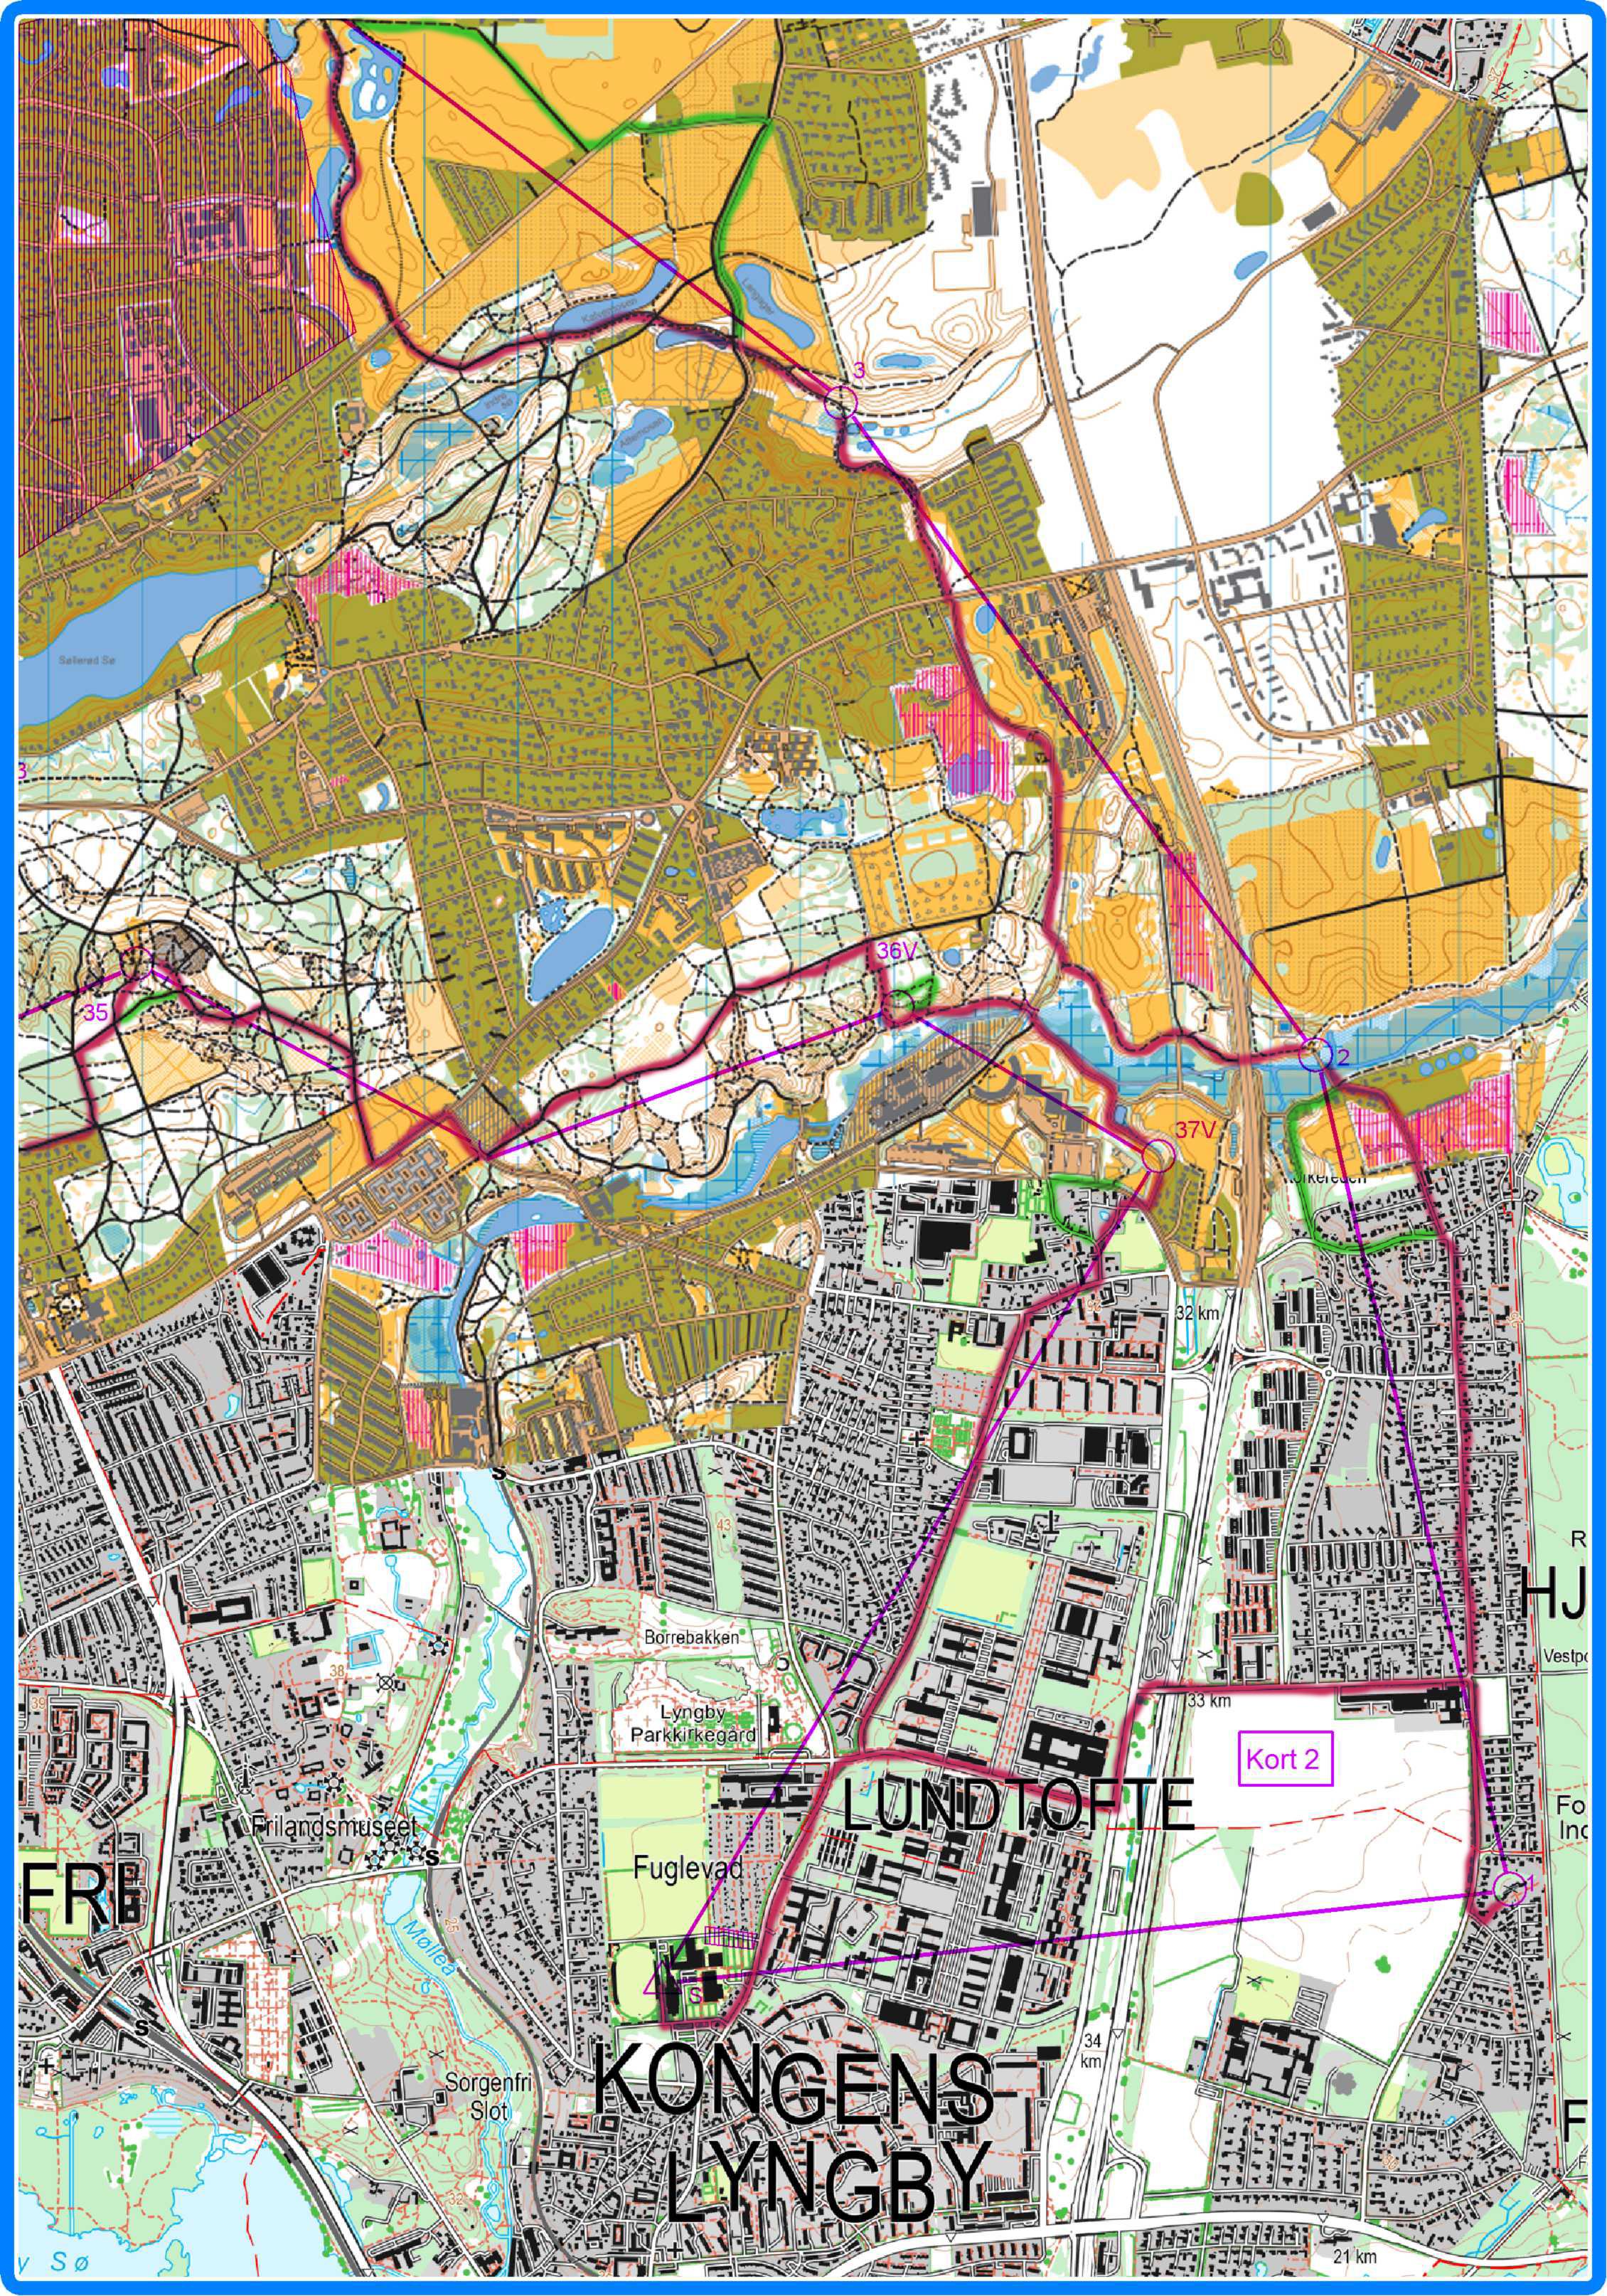 Kort 2 - med vejvalg - rød er planlagt - grøn er reelt vejvalg hvor det afviger